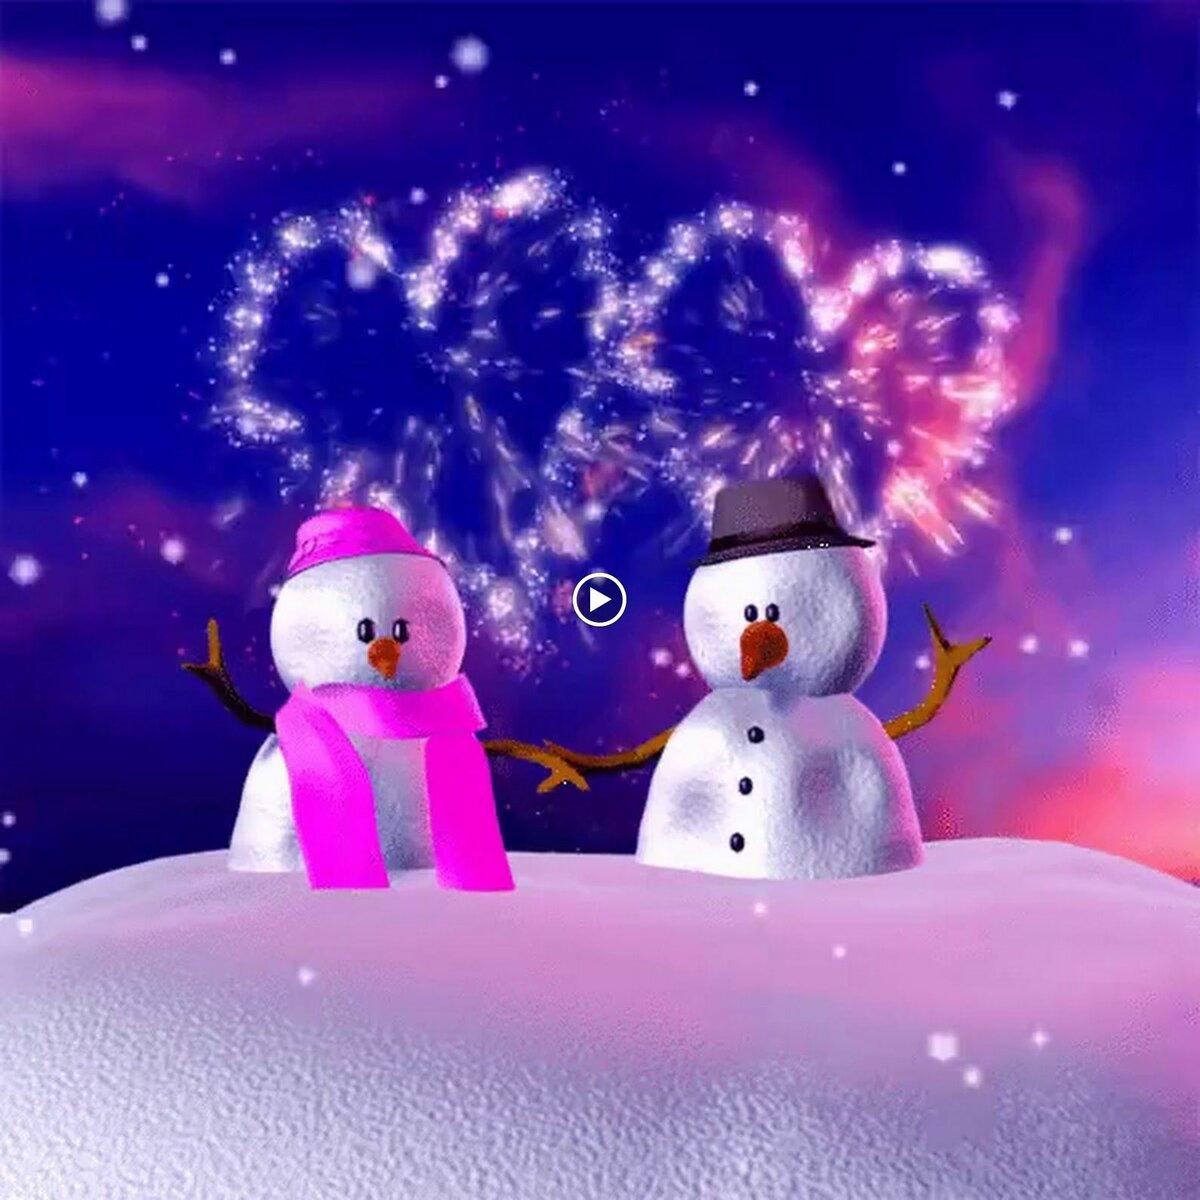 бассейн движущиеся снеговики анимационные картинки павильоне макет